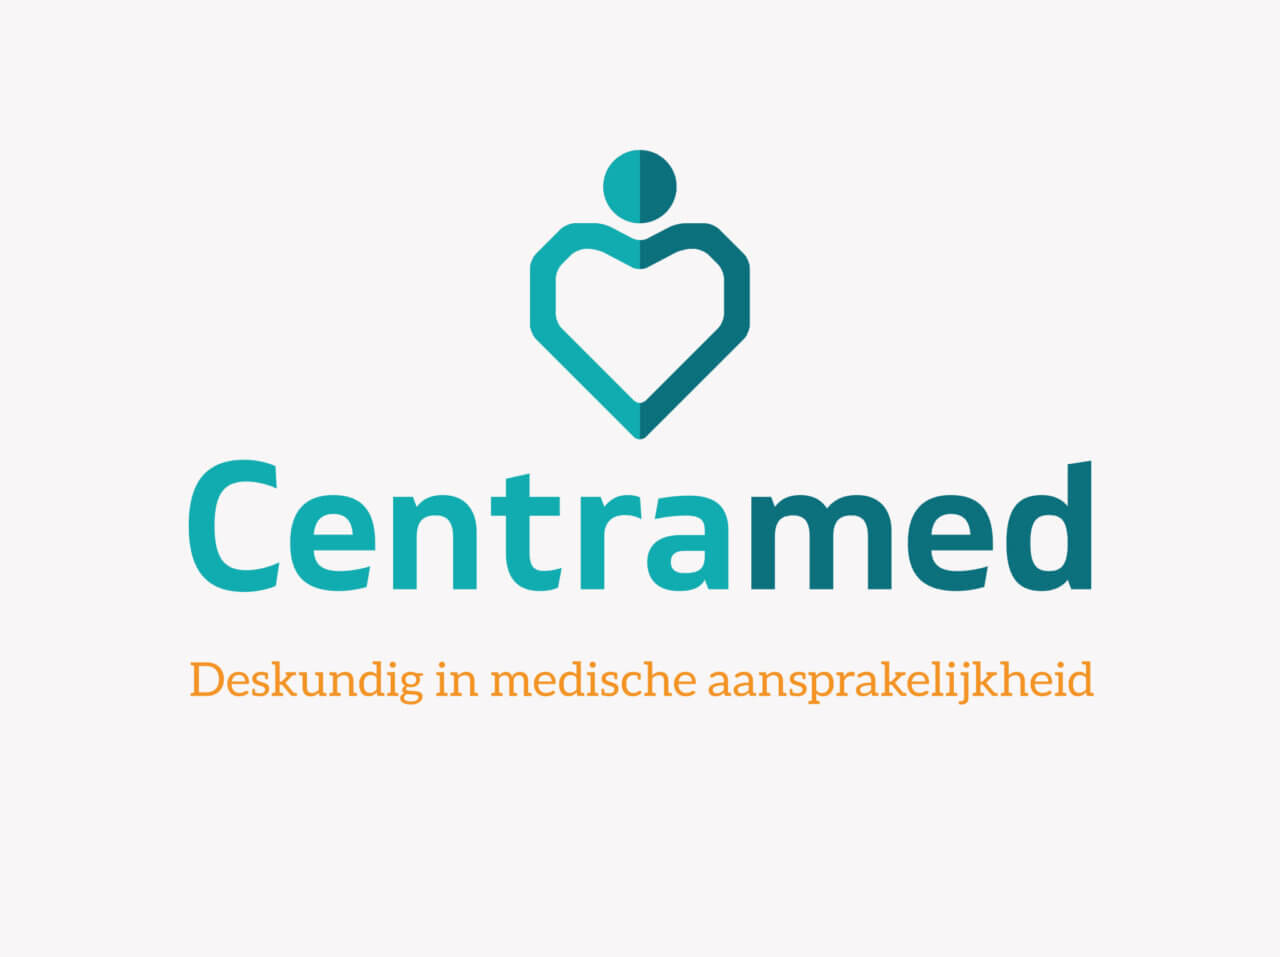 Centramed_2048x1531_logo